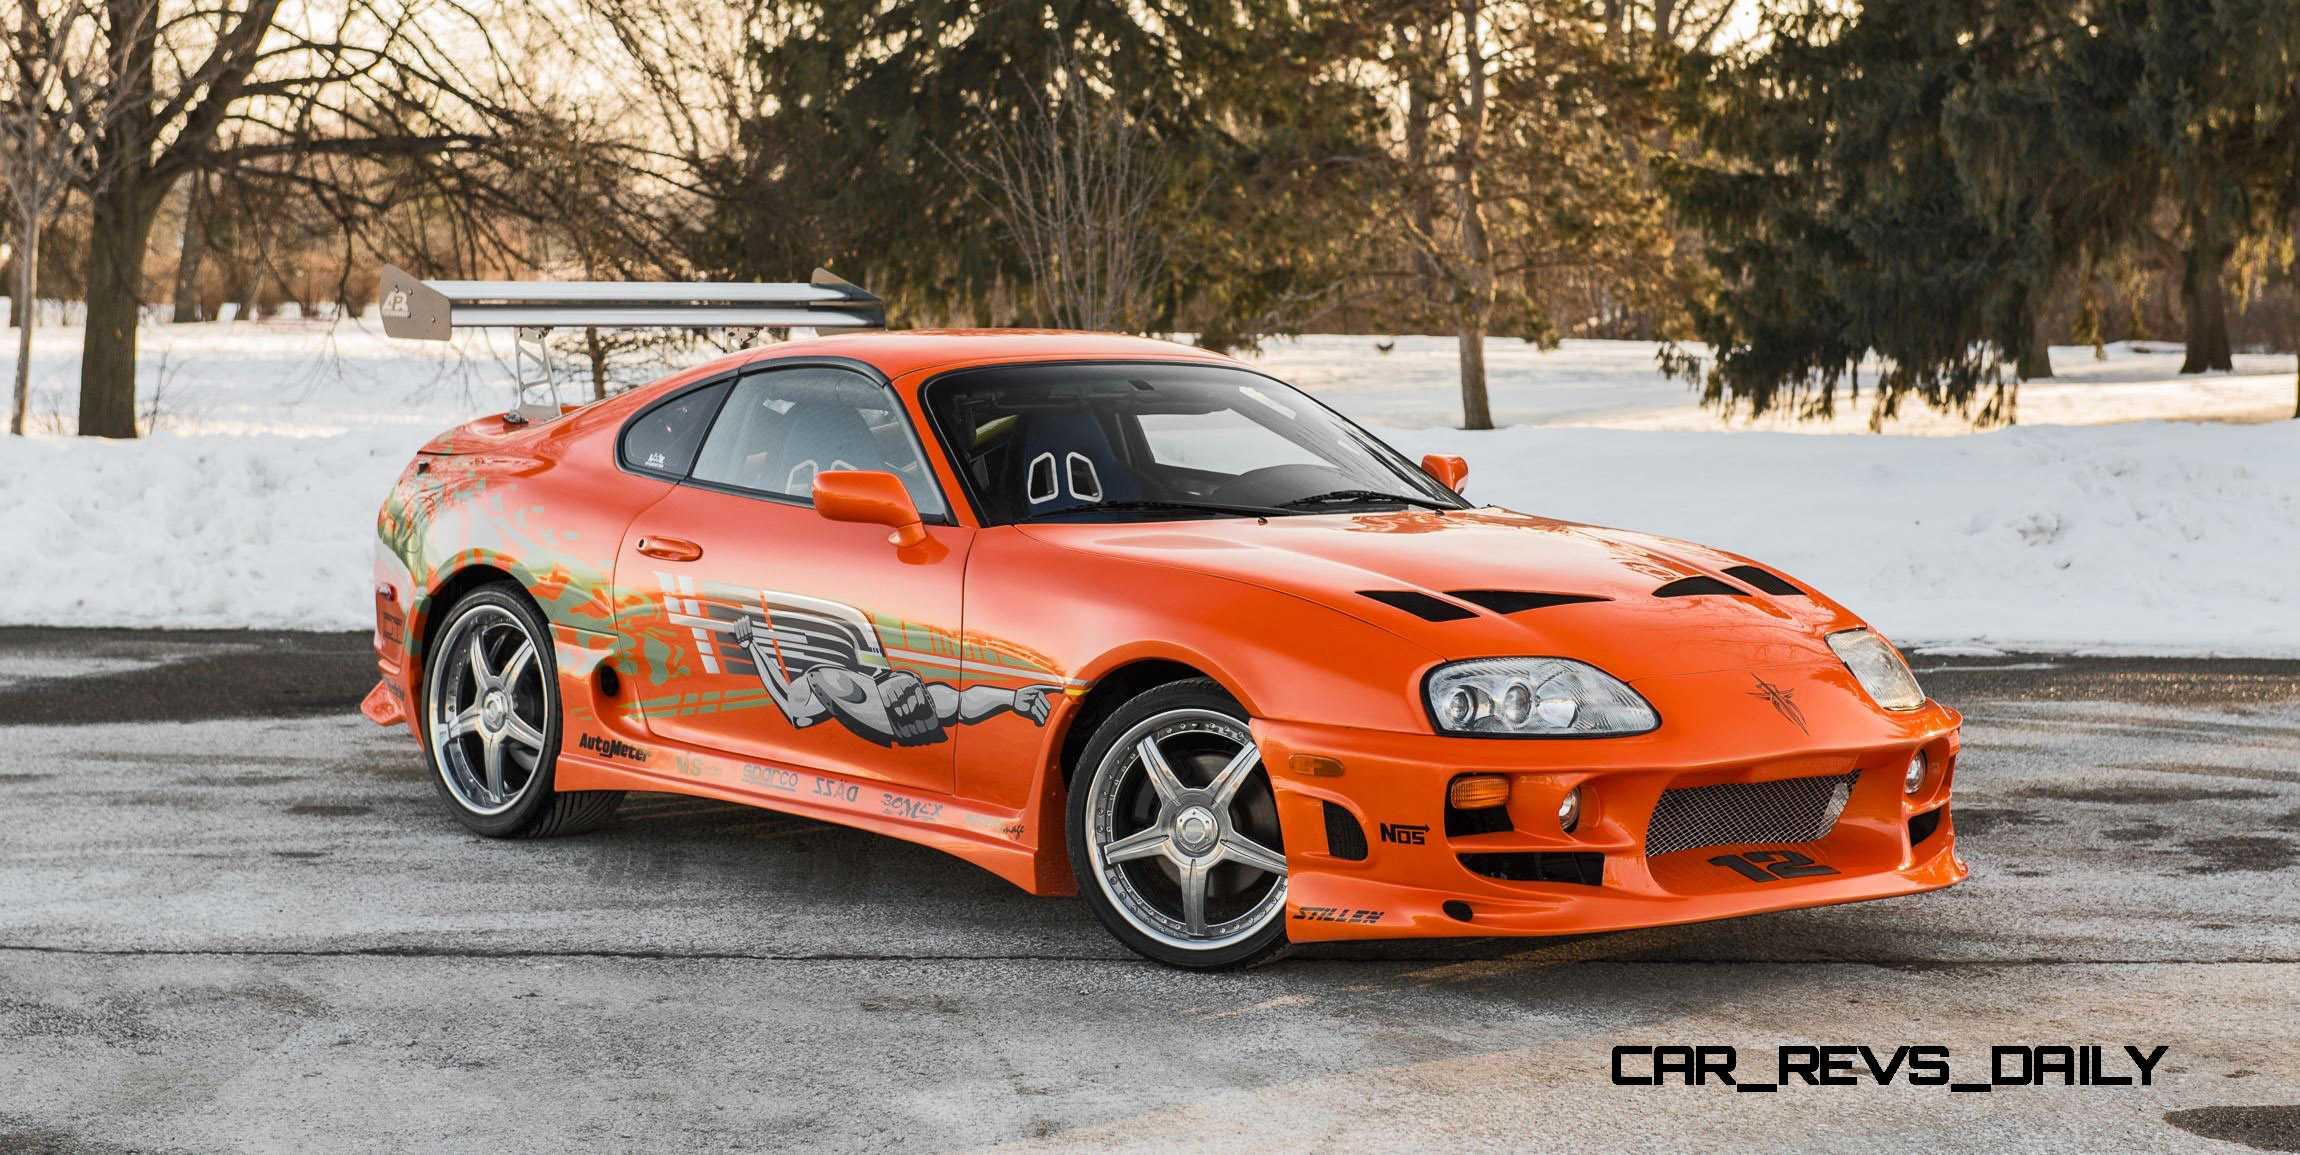 ... 1993 Toyota Supra Official Fast Furious Movie Car 18 ...